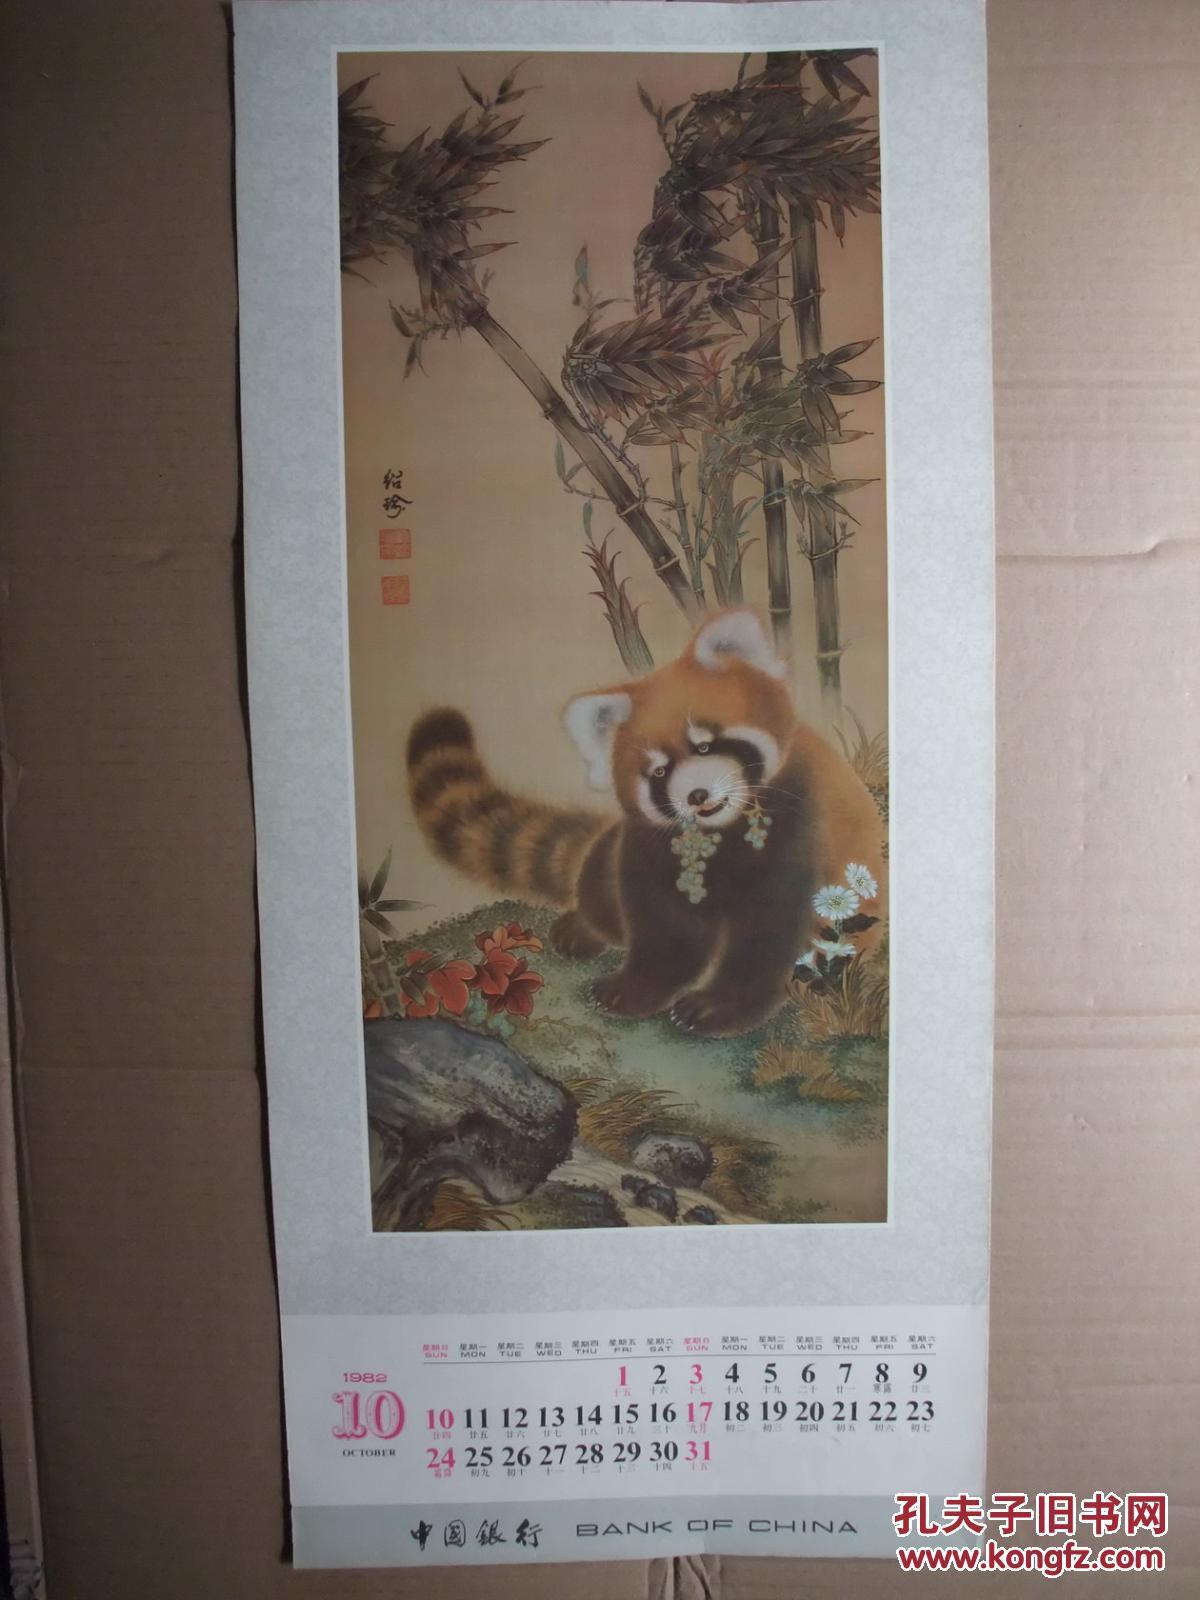 3开挂历 1982年 国画工笔动物年画2张 猫 绍瑜作,熊猫